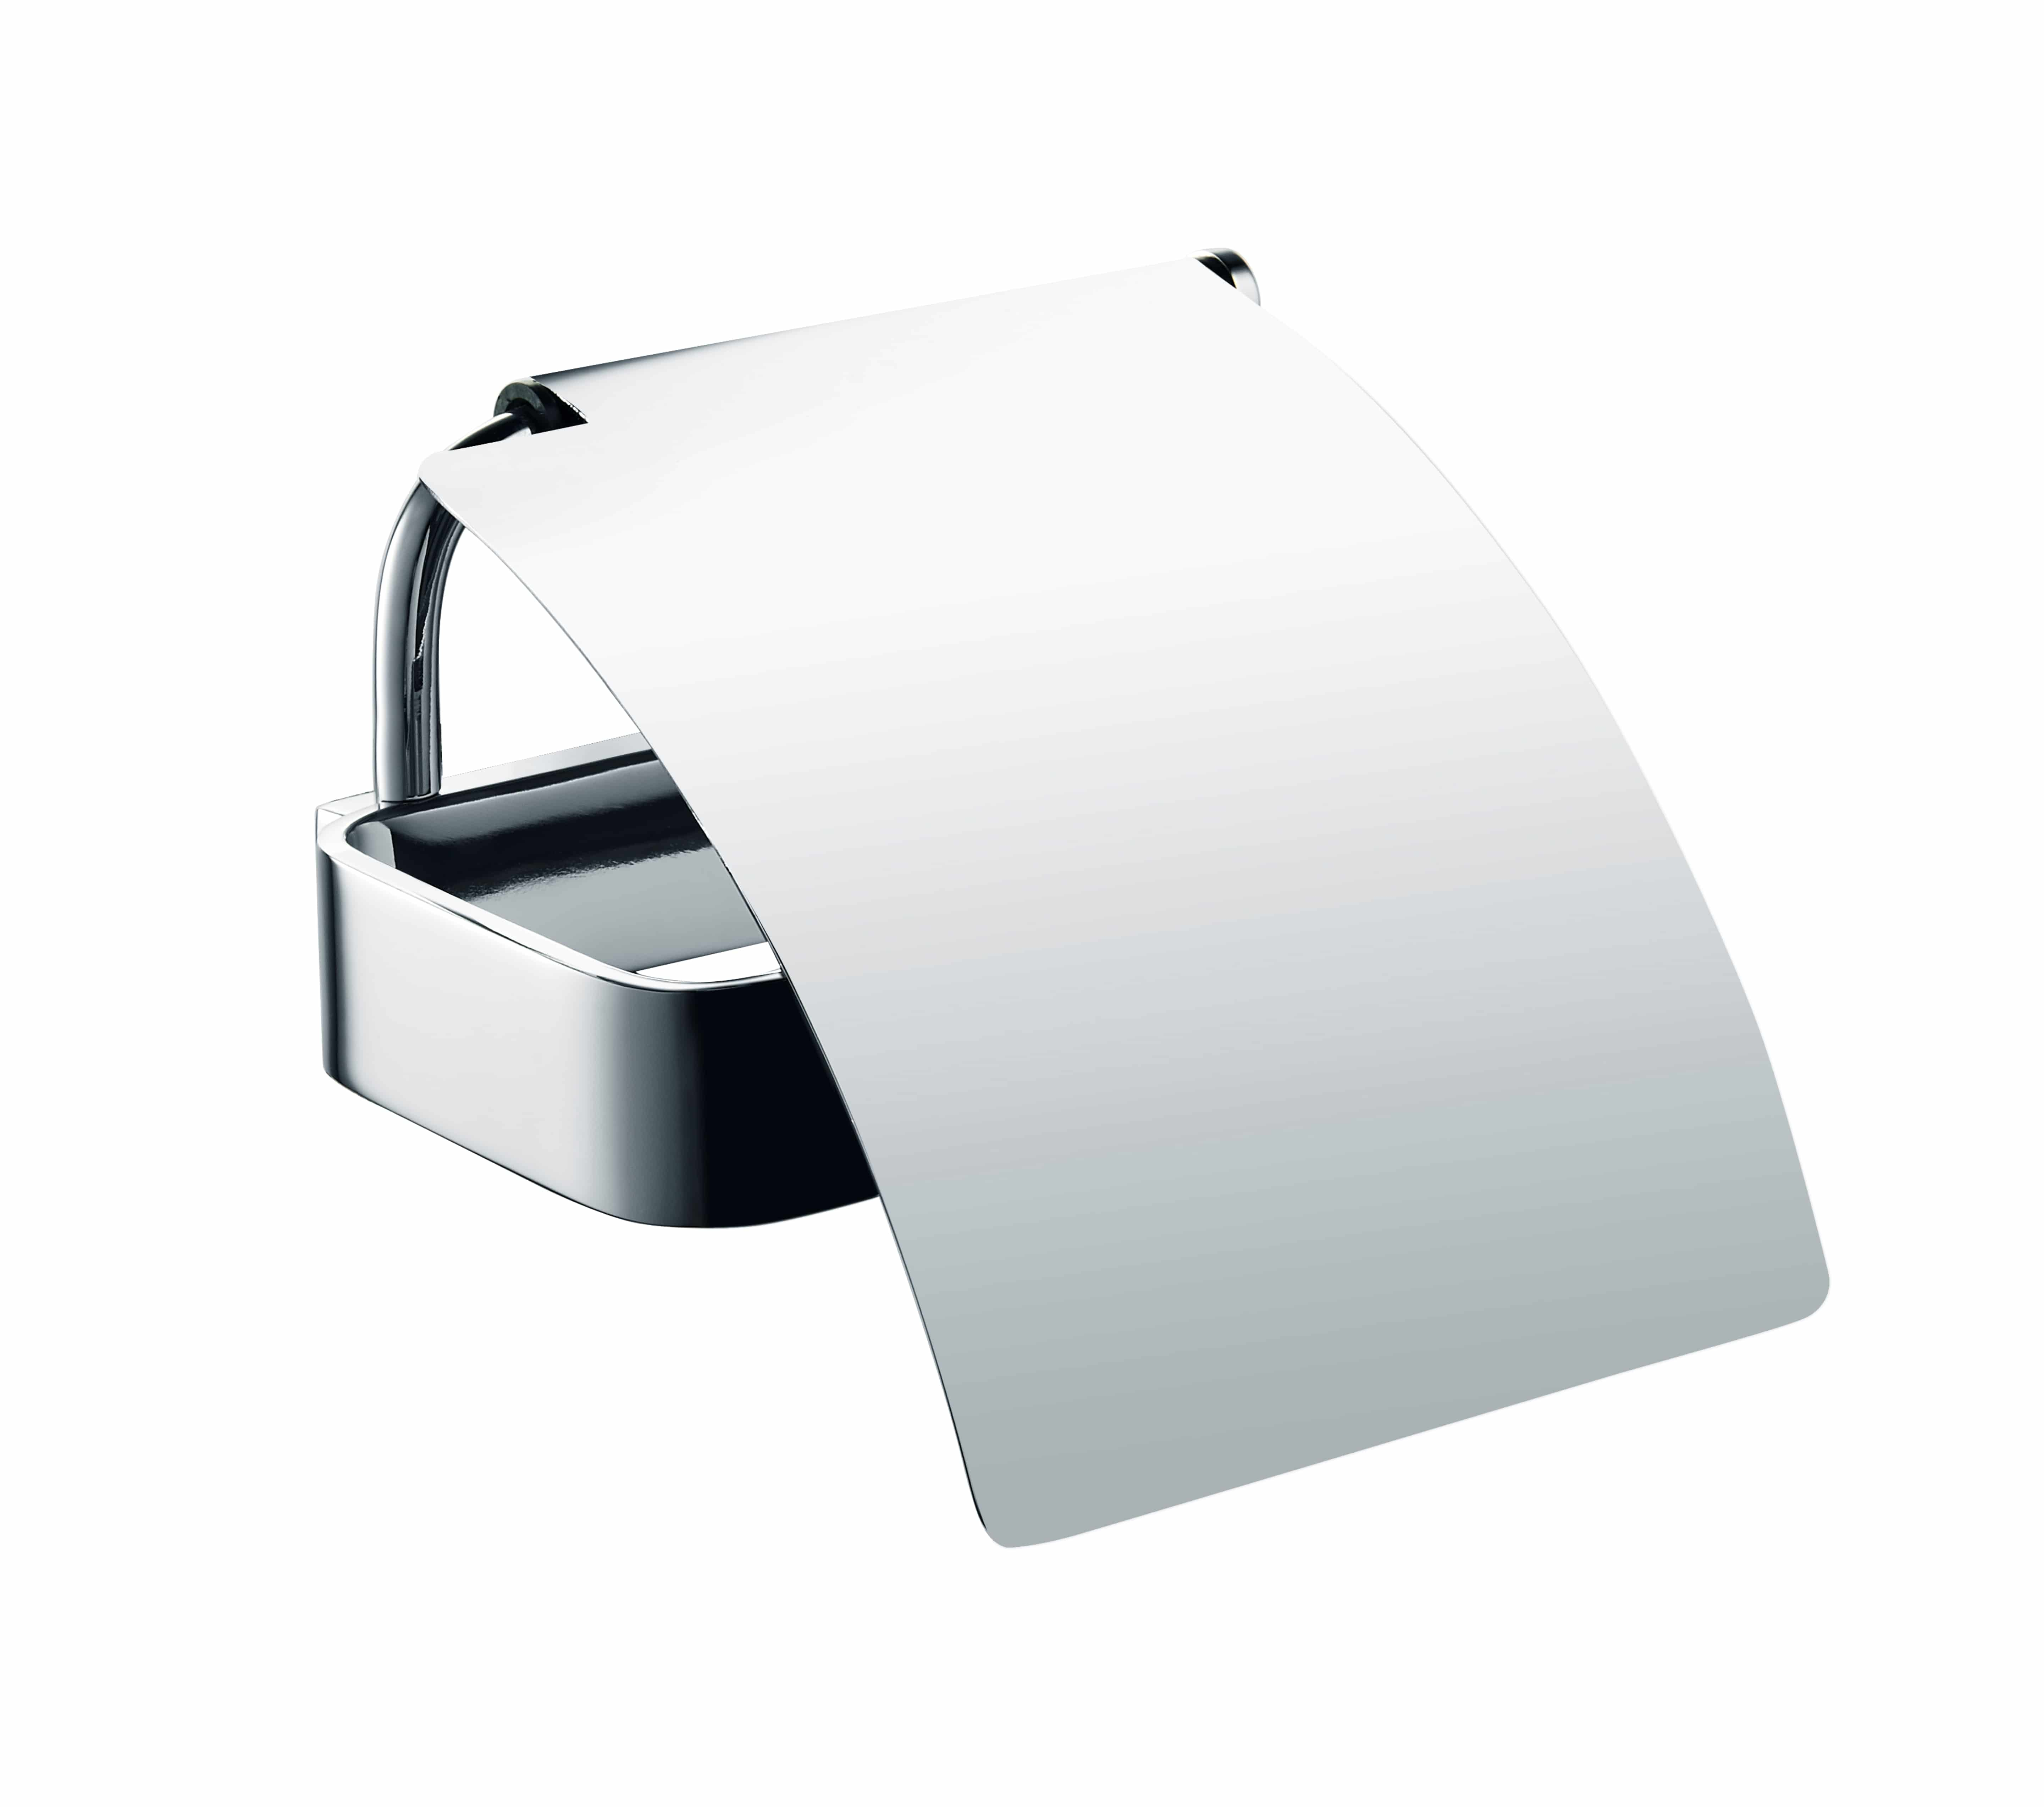 Luzzo® Piazzo Messing Toiletrolhouder met klep - wc rolhouder - chroom